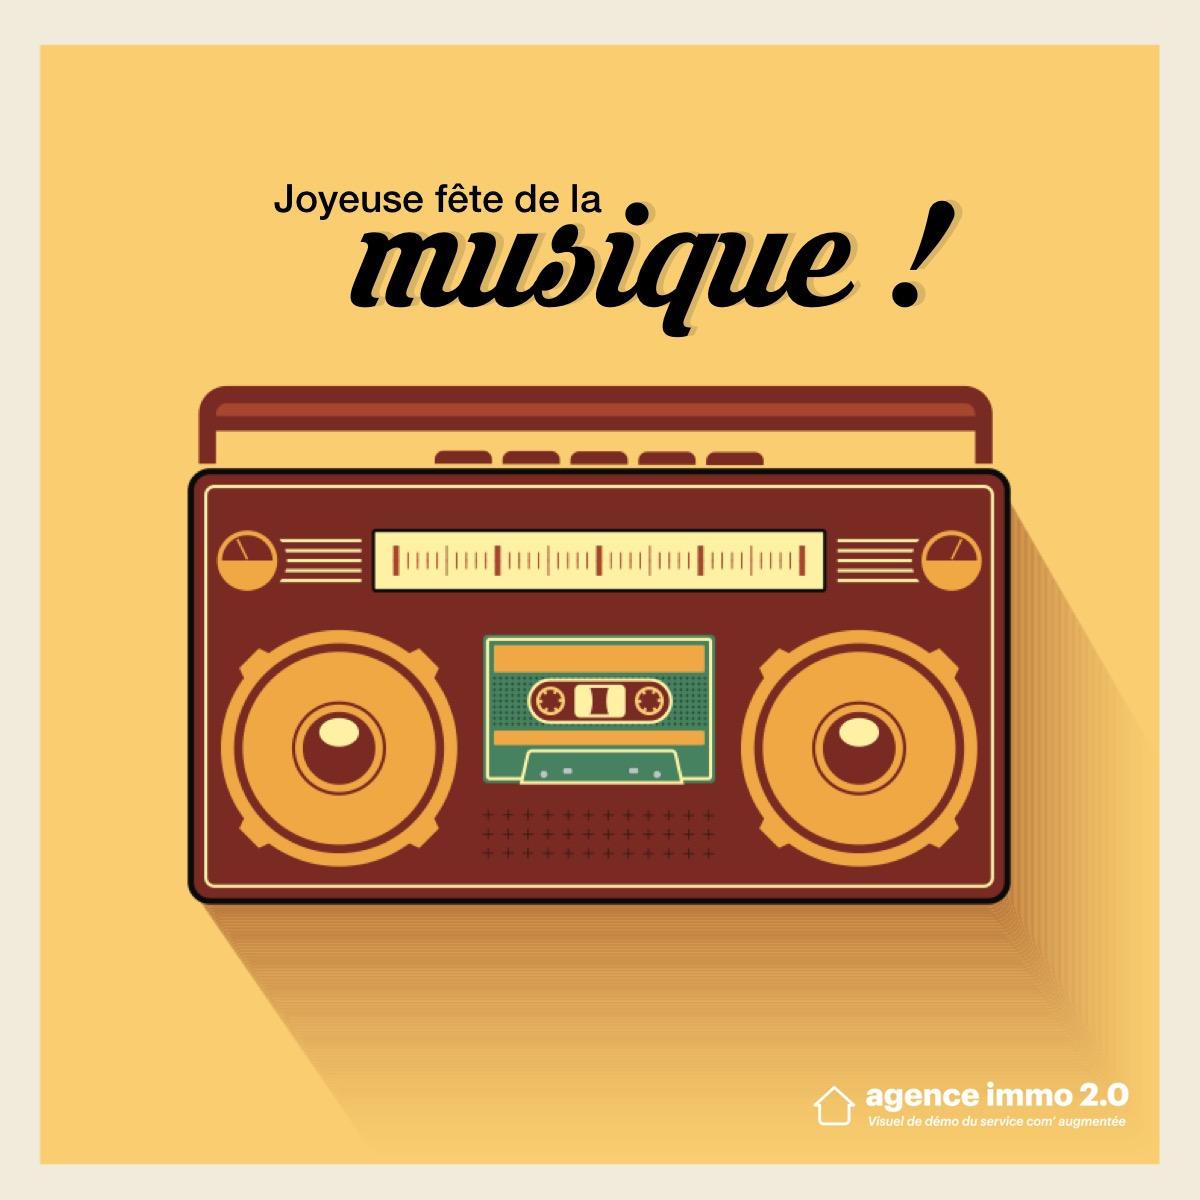 Template Reseaux Sociaux Communication Fete Musique6